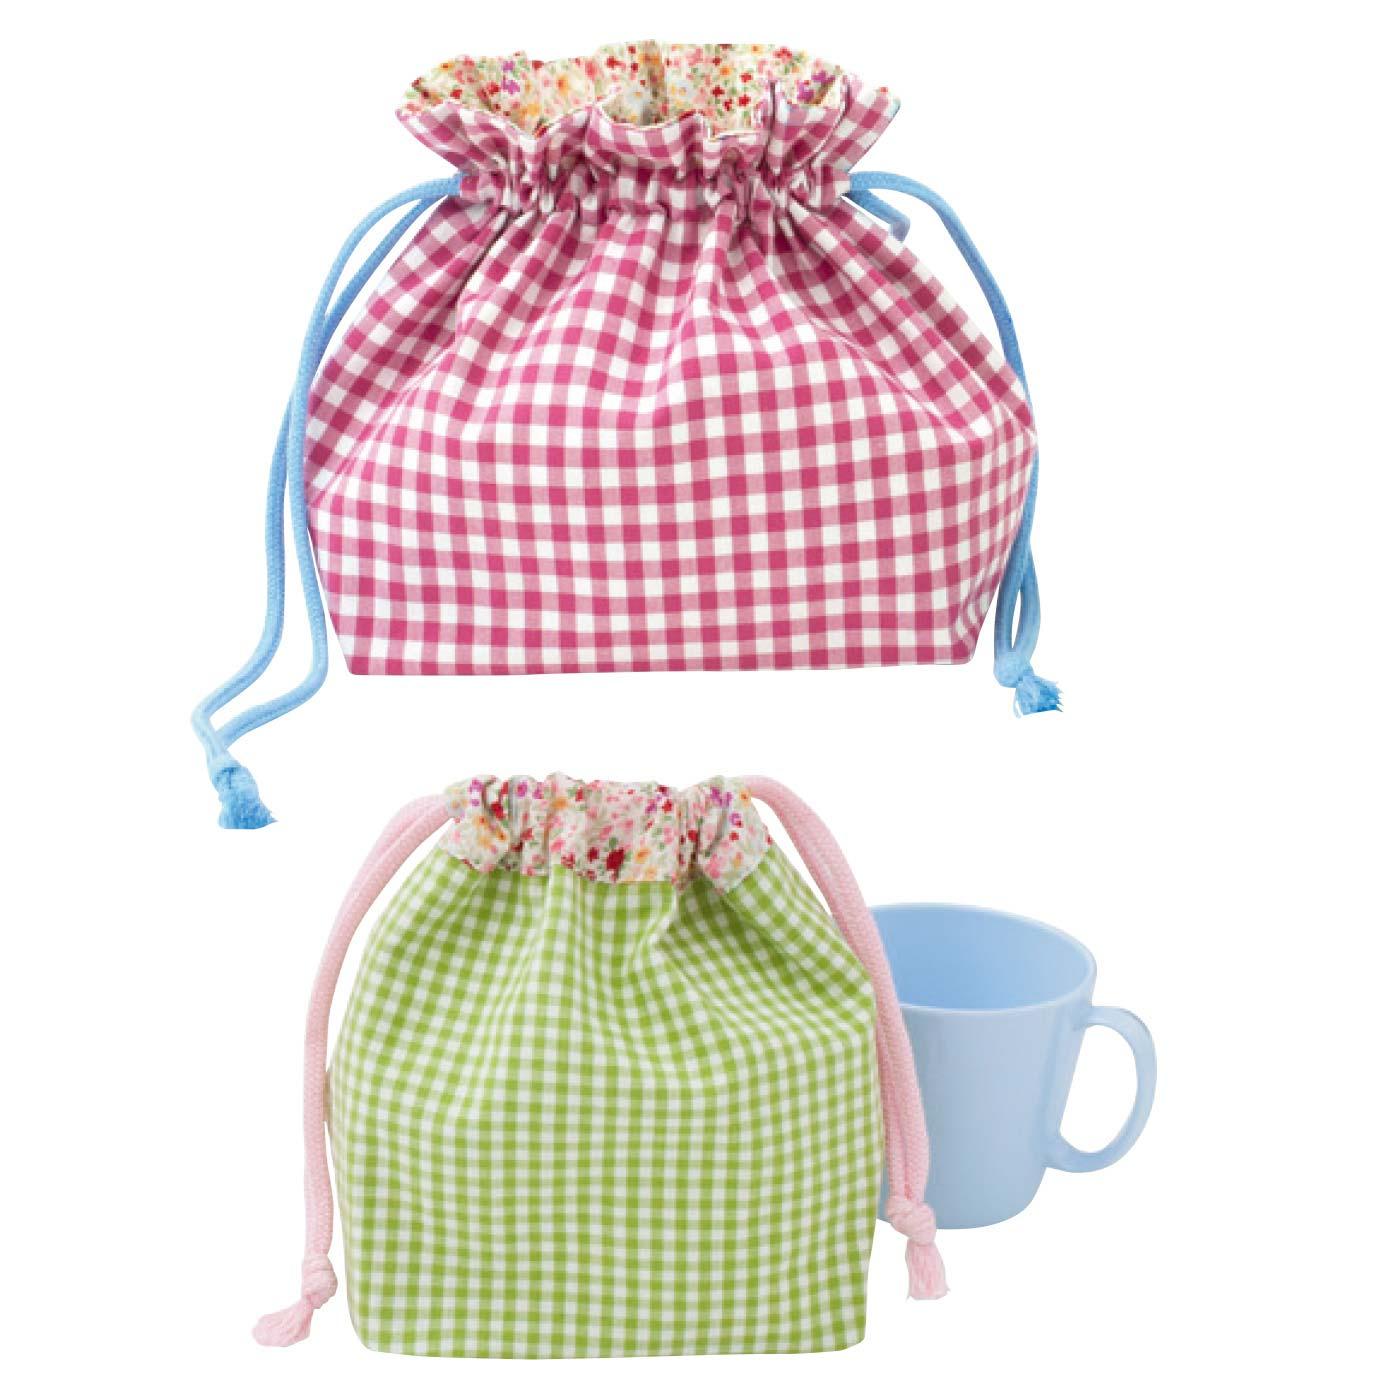 お弁当袋 縦約18.5cm横約16cm、まち幅約10cm コップ袋 縦約15cm、横約9cm、まち幅約9cm